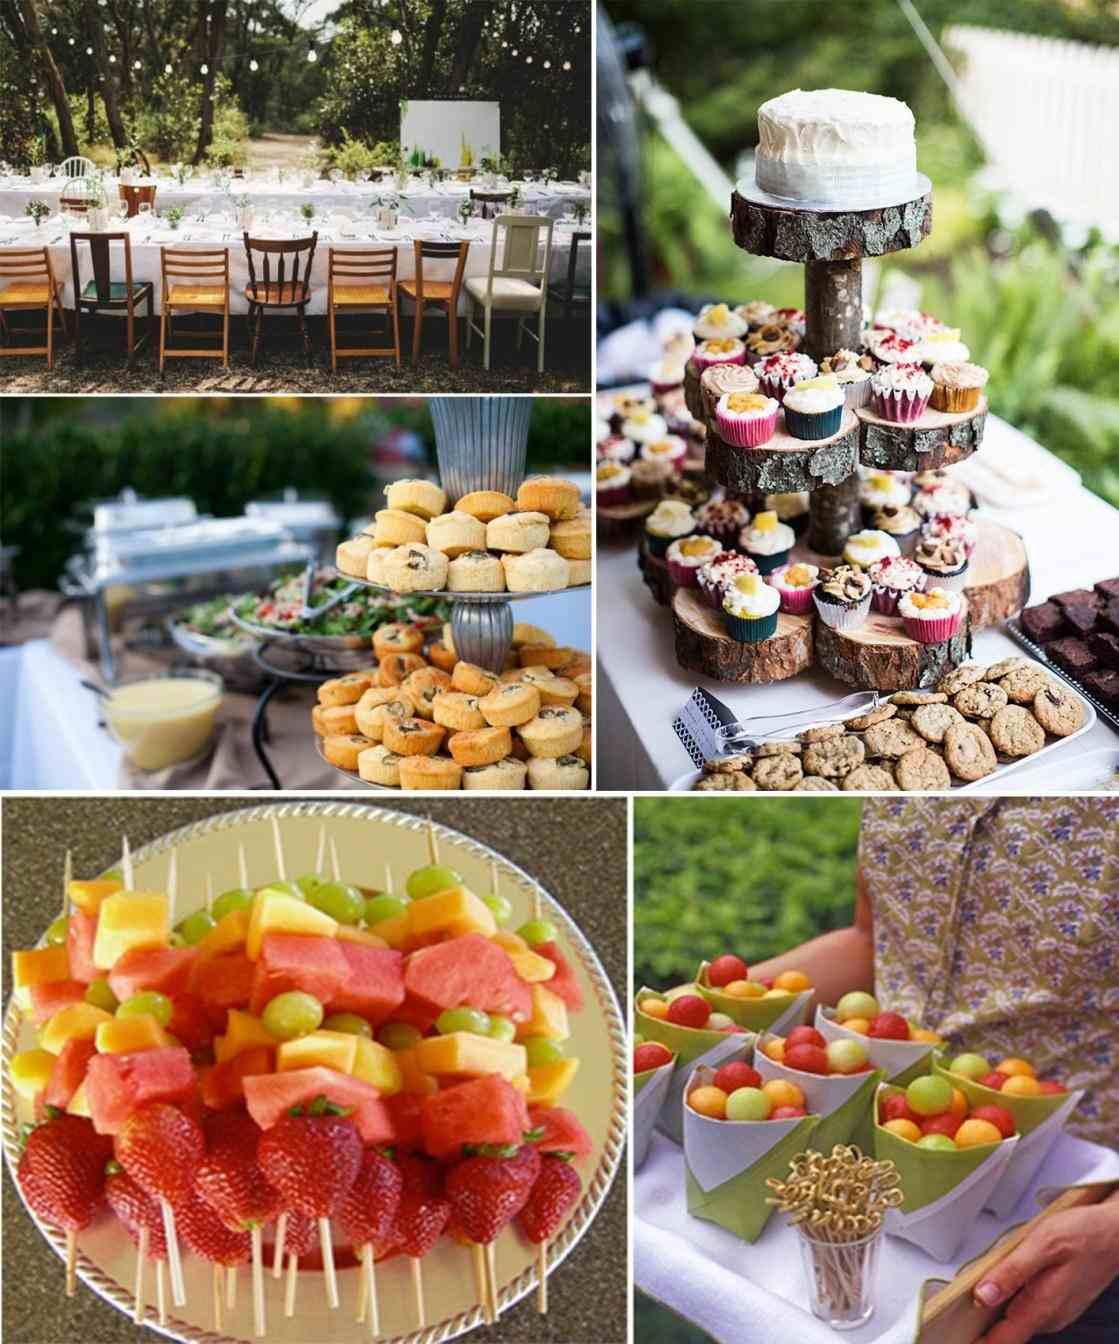 How to Craft Backyard Cookout Ideas via Simphome.com 14